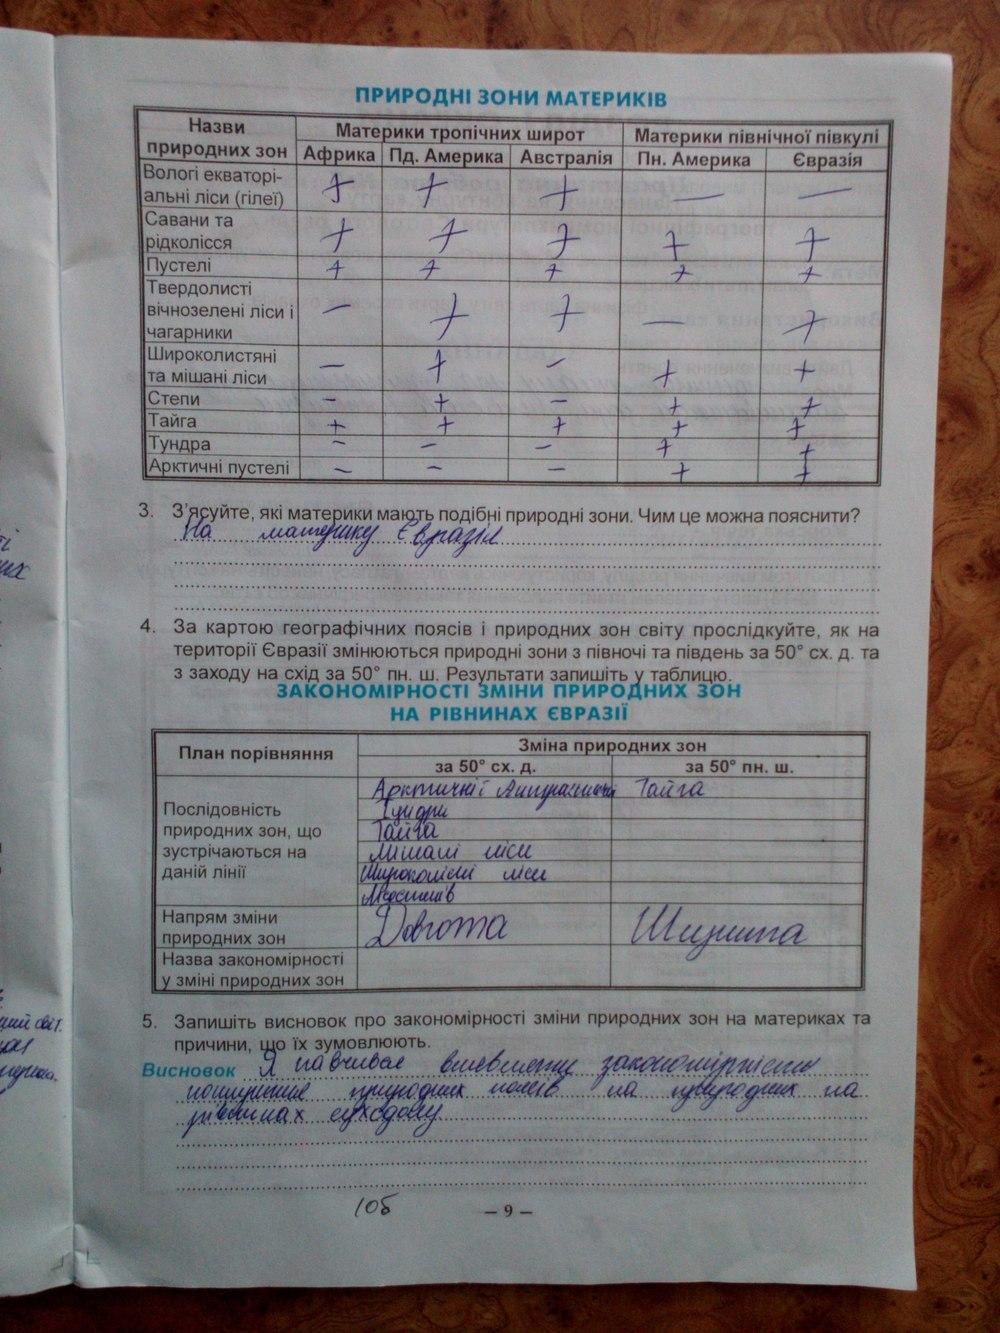 географії клас 10 гдз підручника коваленко з до кобернік